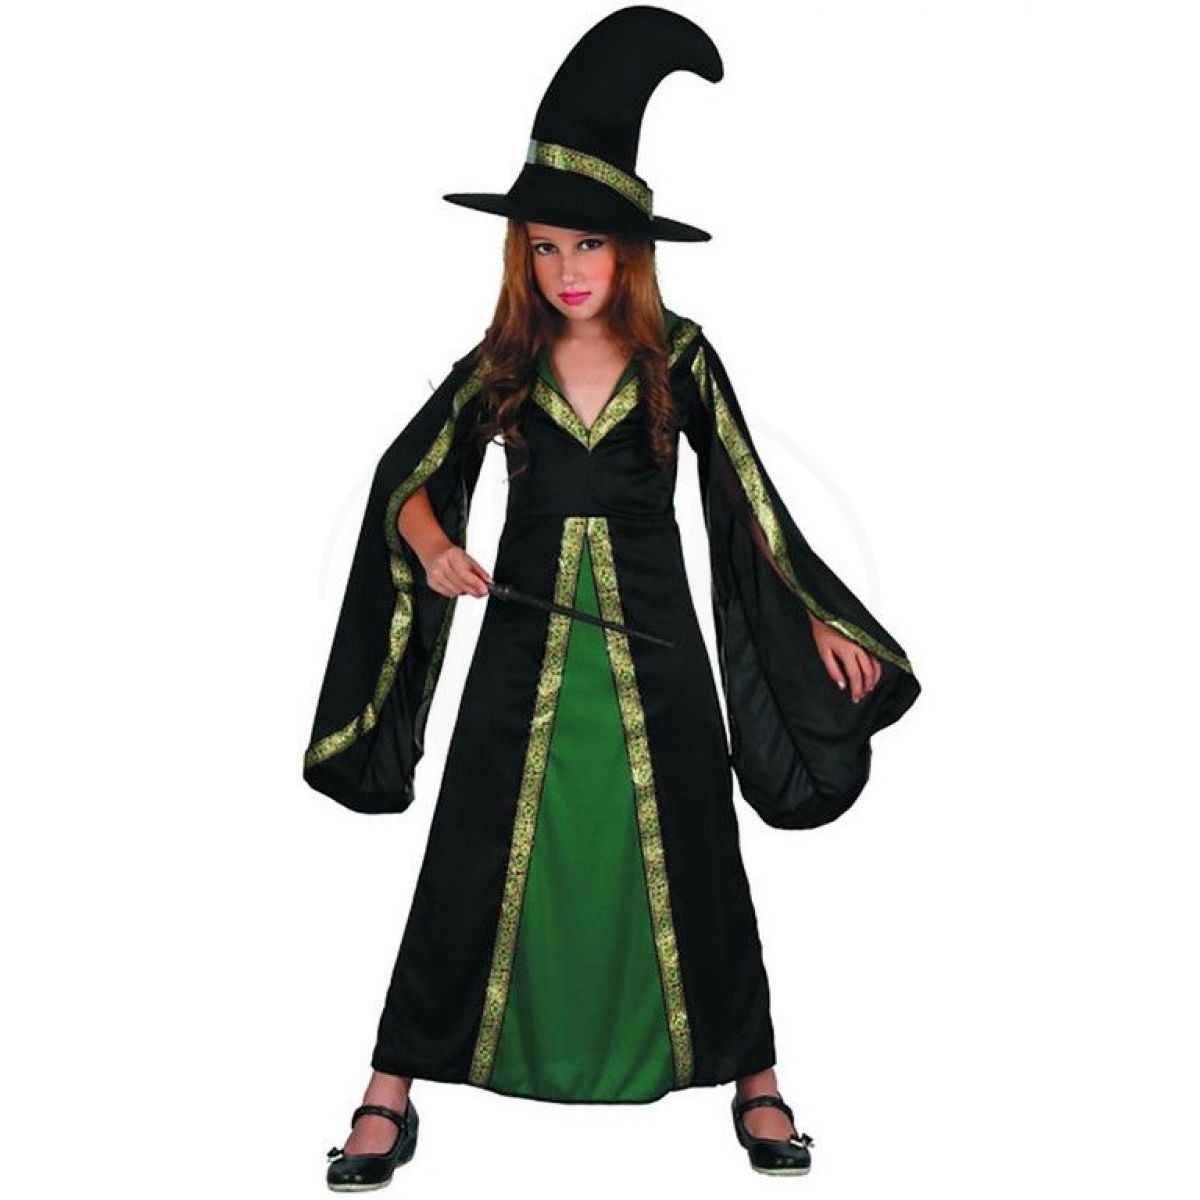 62ac6b97c221 Made Dětské šaty na karneval čarodějka 120-130 cm